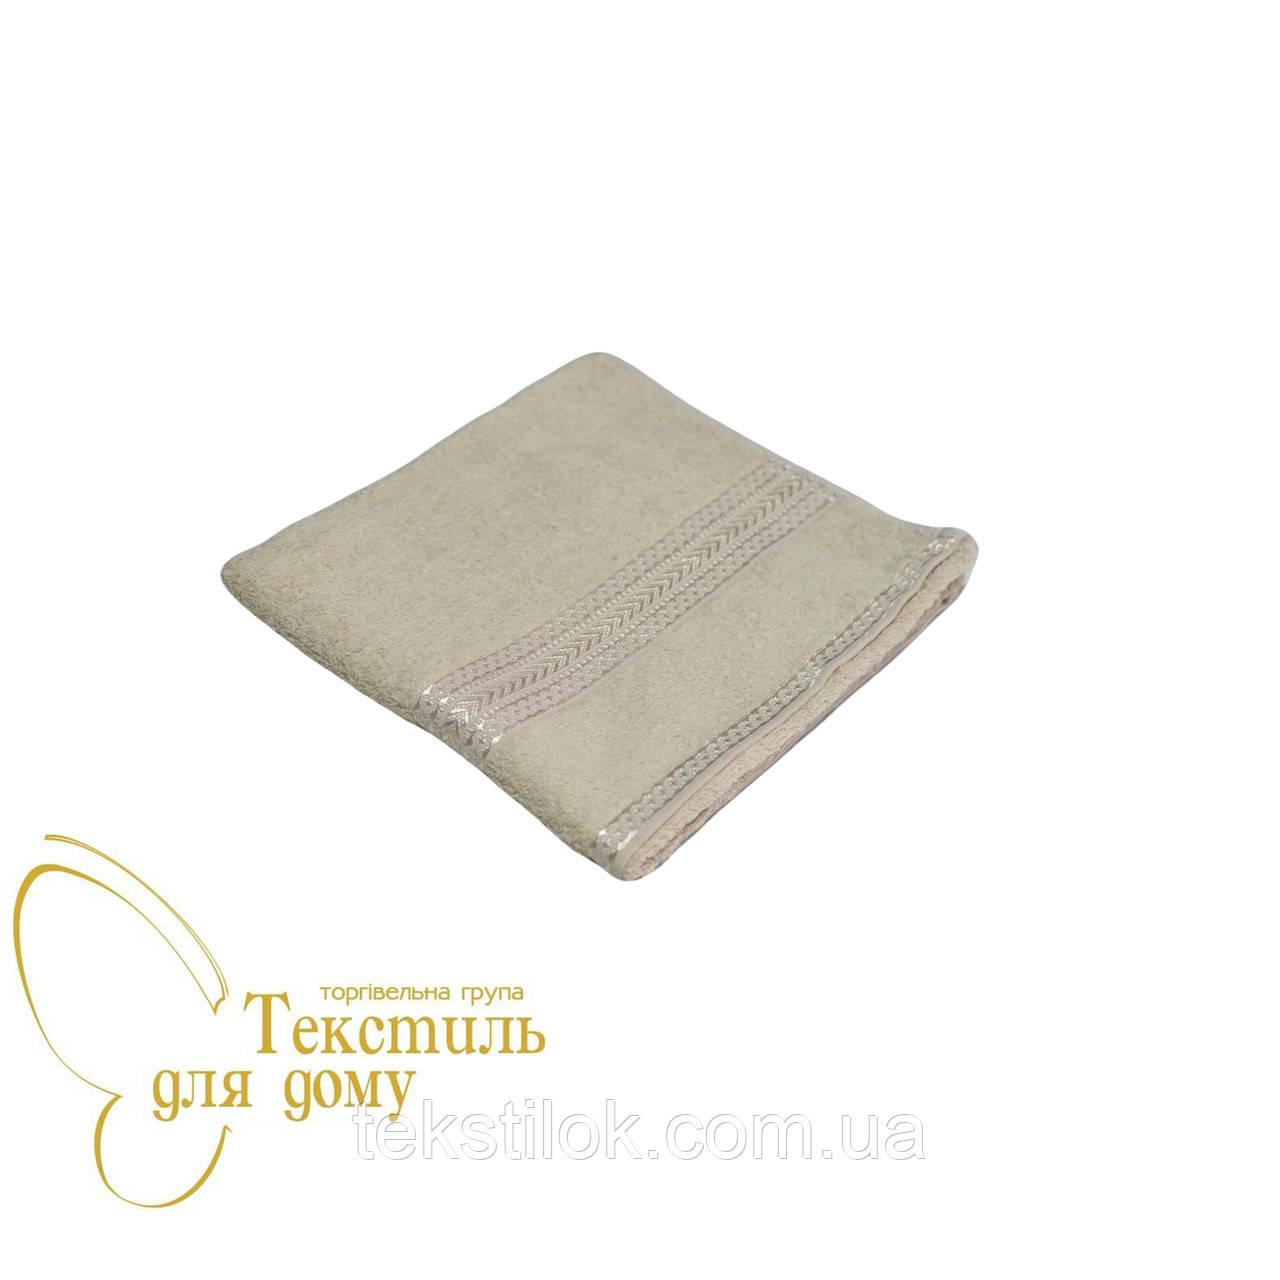 Полотенце для рук бежевое 50*70, 360 гр/м2